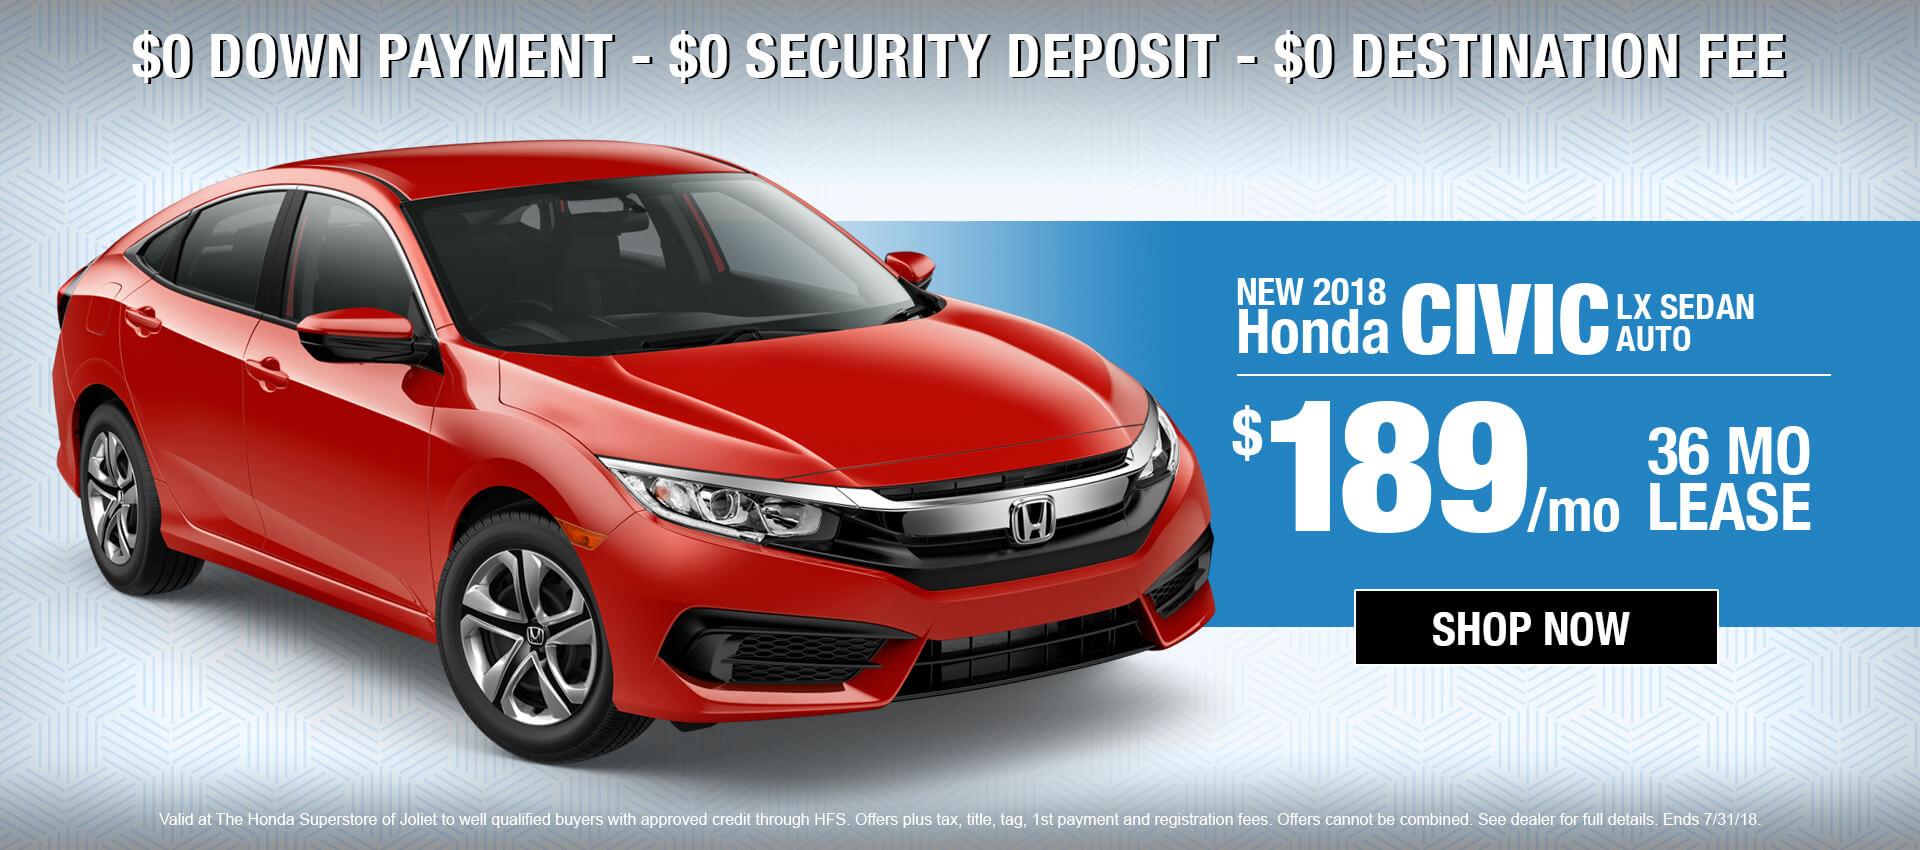 2018 Honda Civic $189